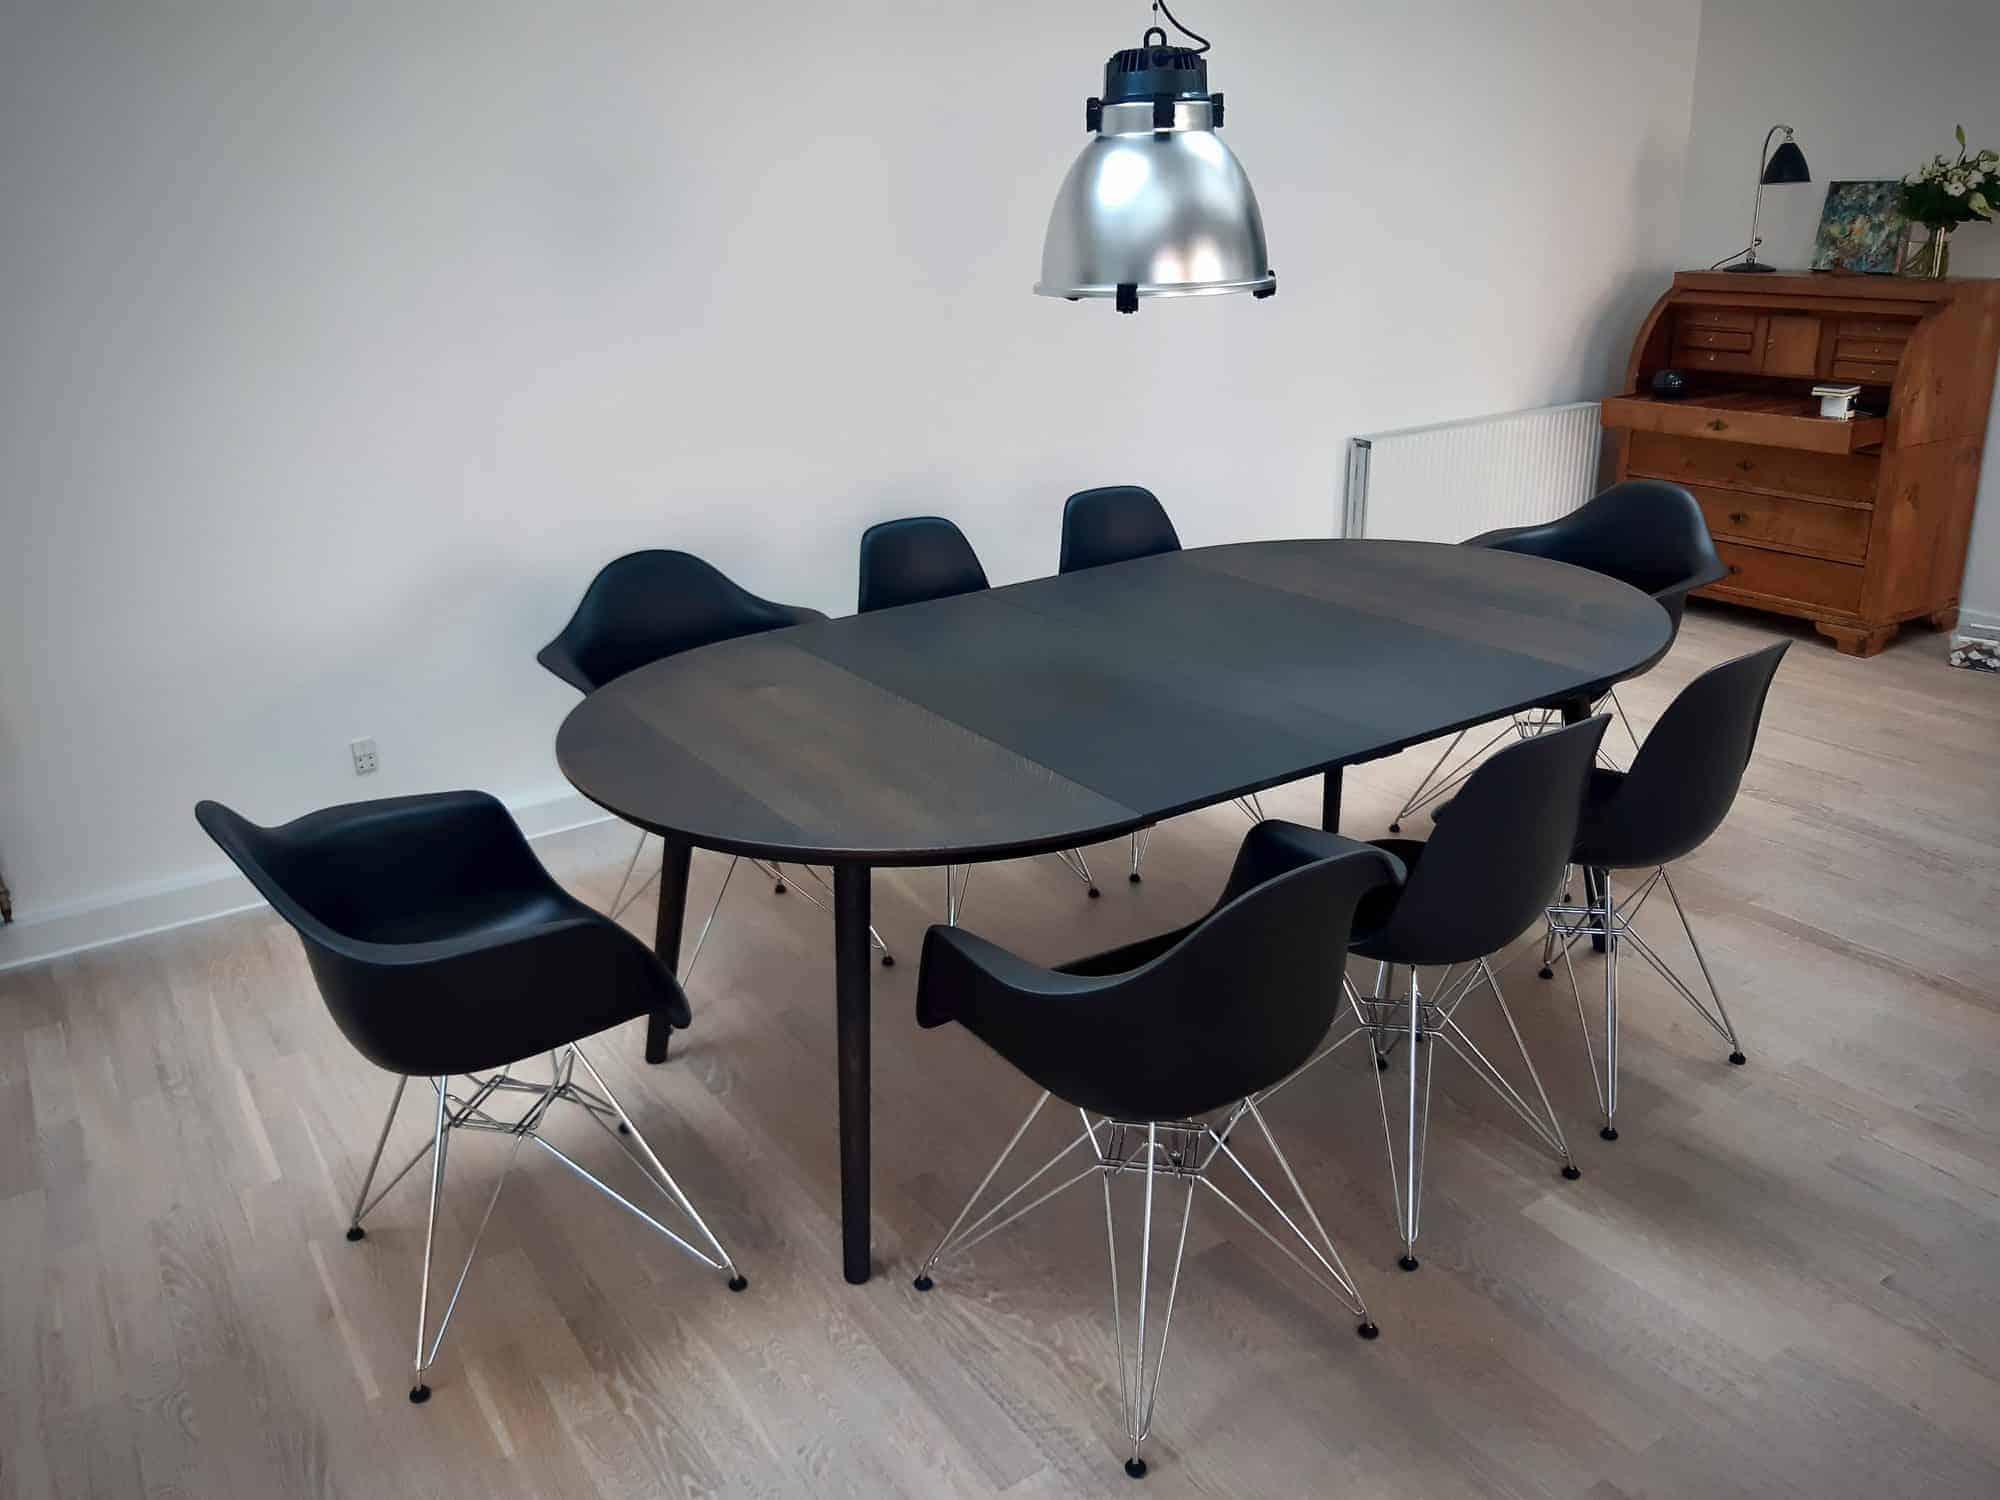 rundtbord rundbord ovalt bord bord i trae traebord traemobler kaerbygaard kaerbygård august 2020 4 scaled